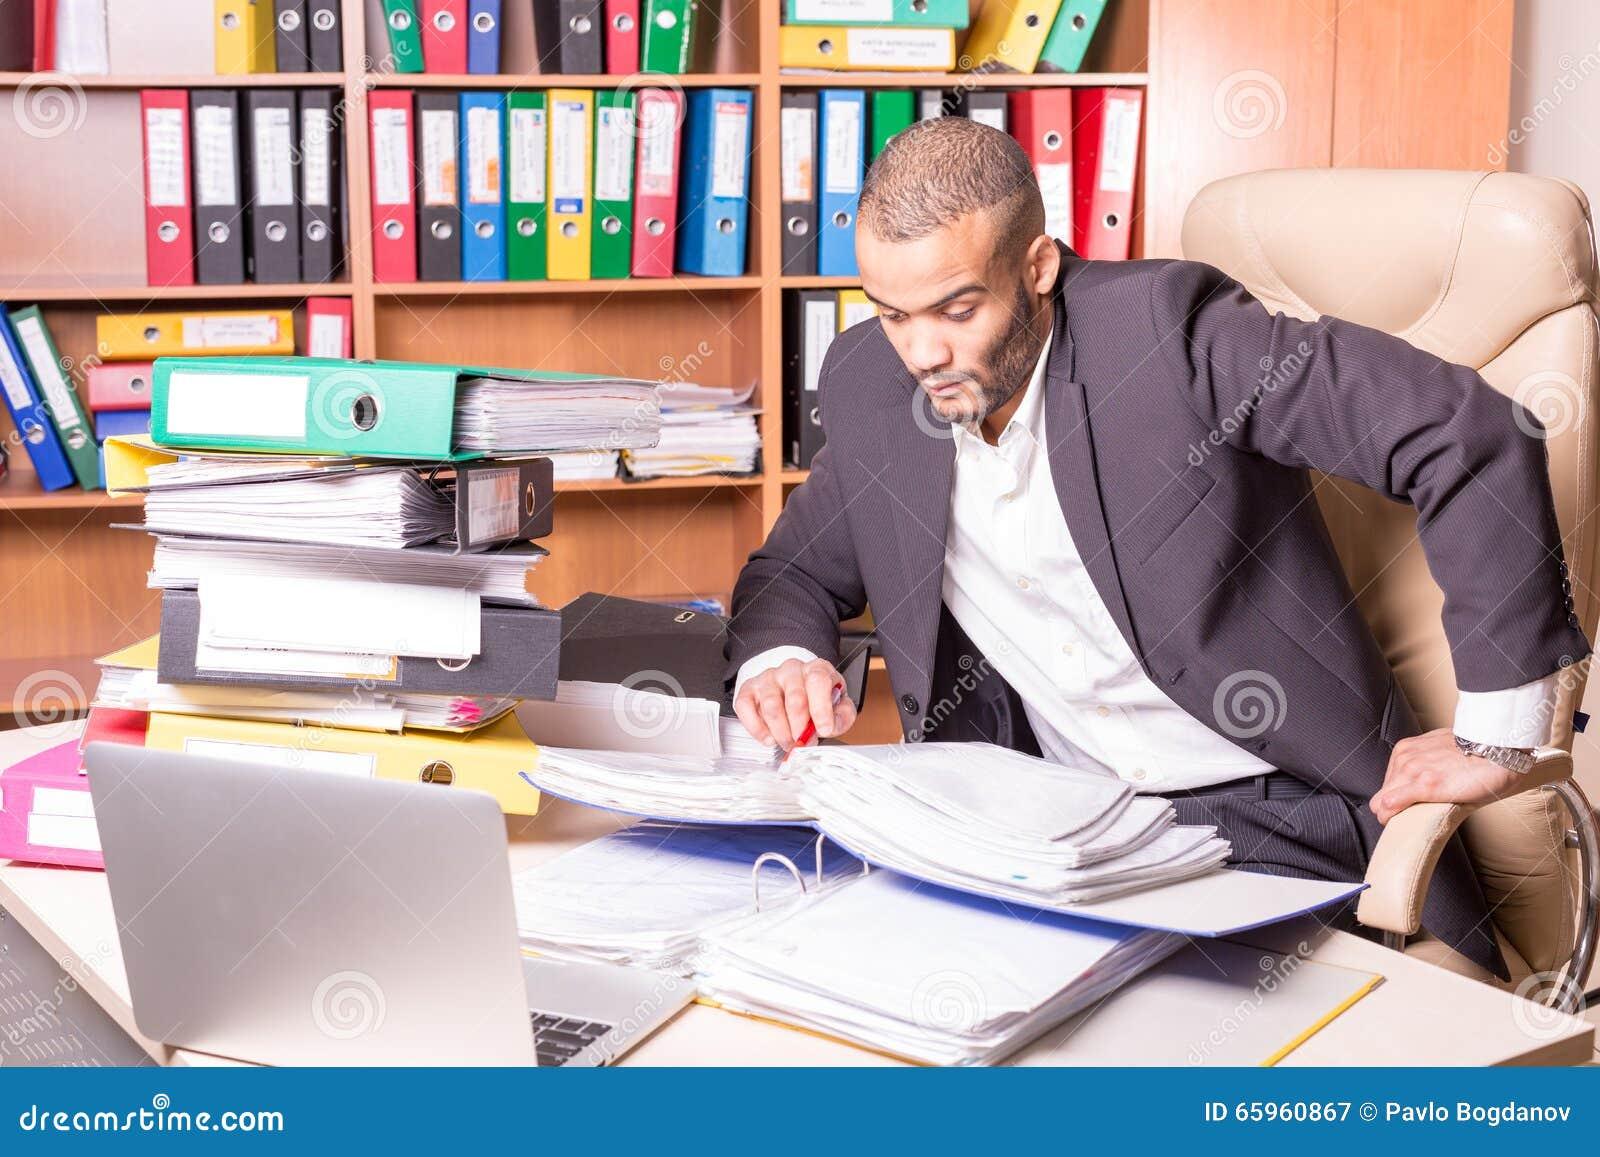 Uomo molto occupato in ufficio